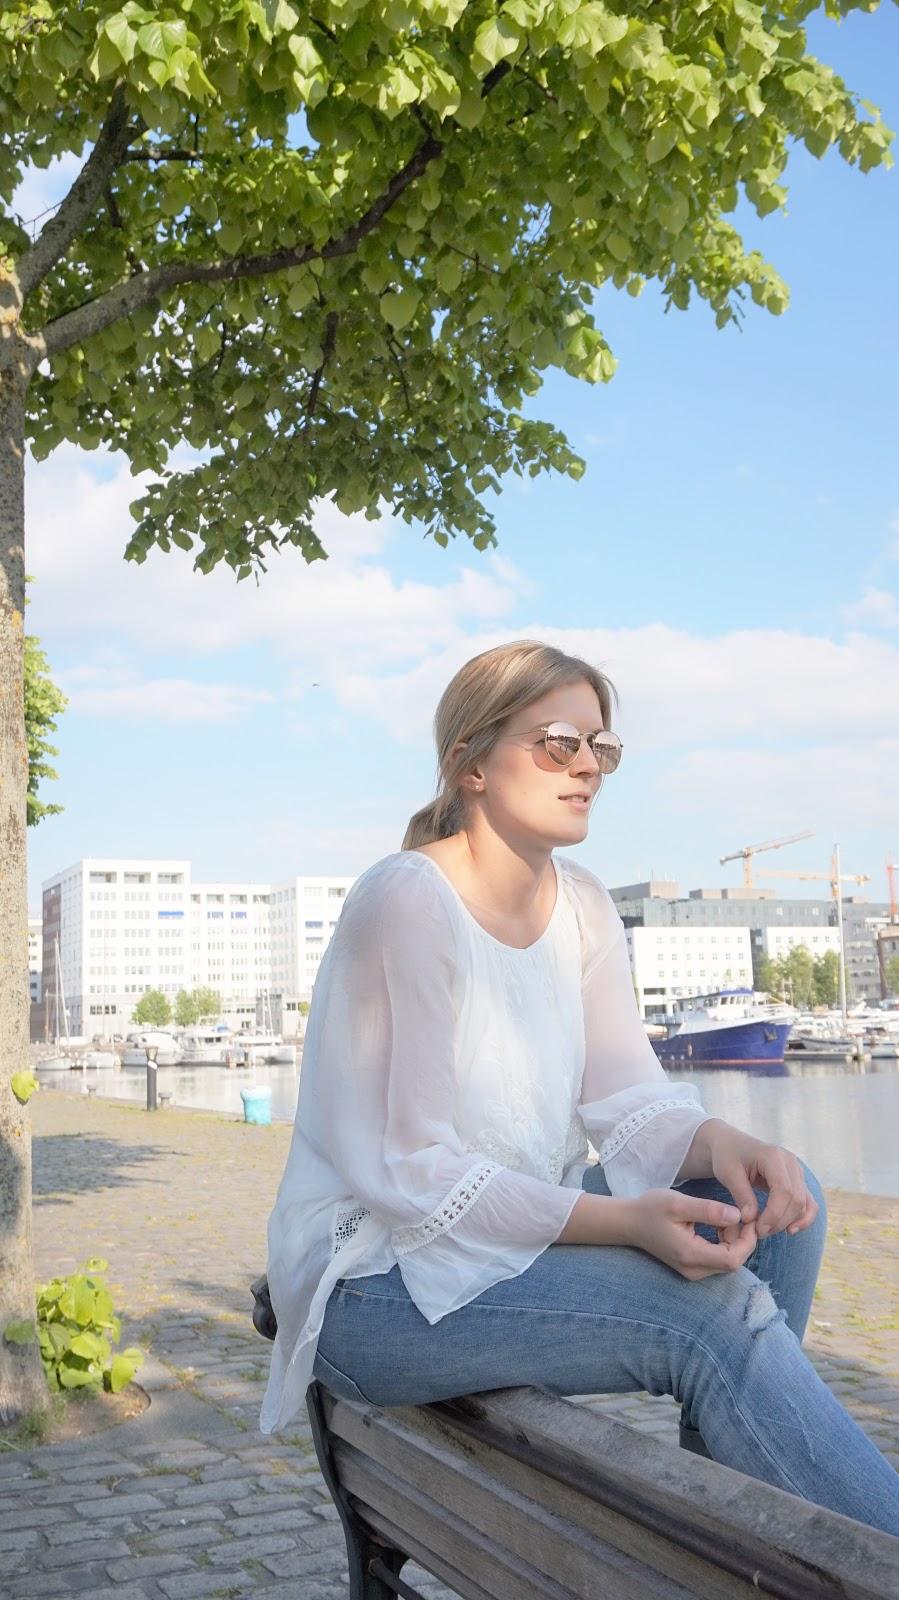 DSC06479 | Eline Van Dingenen